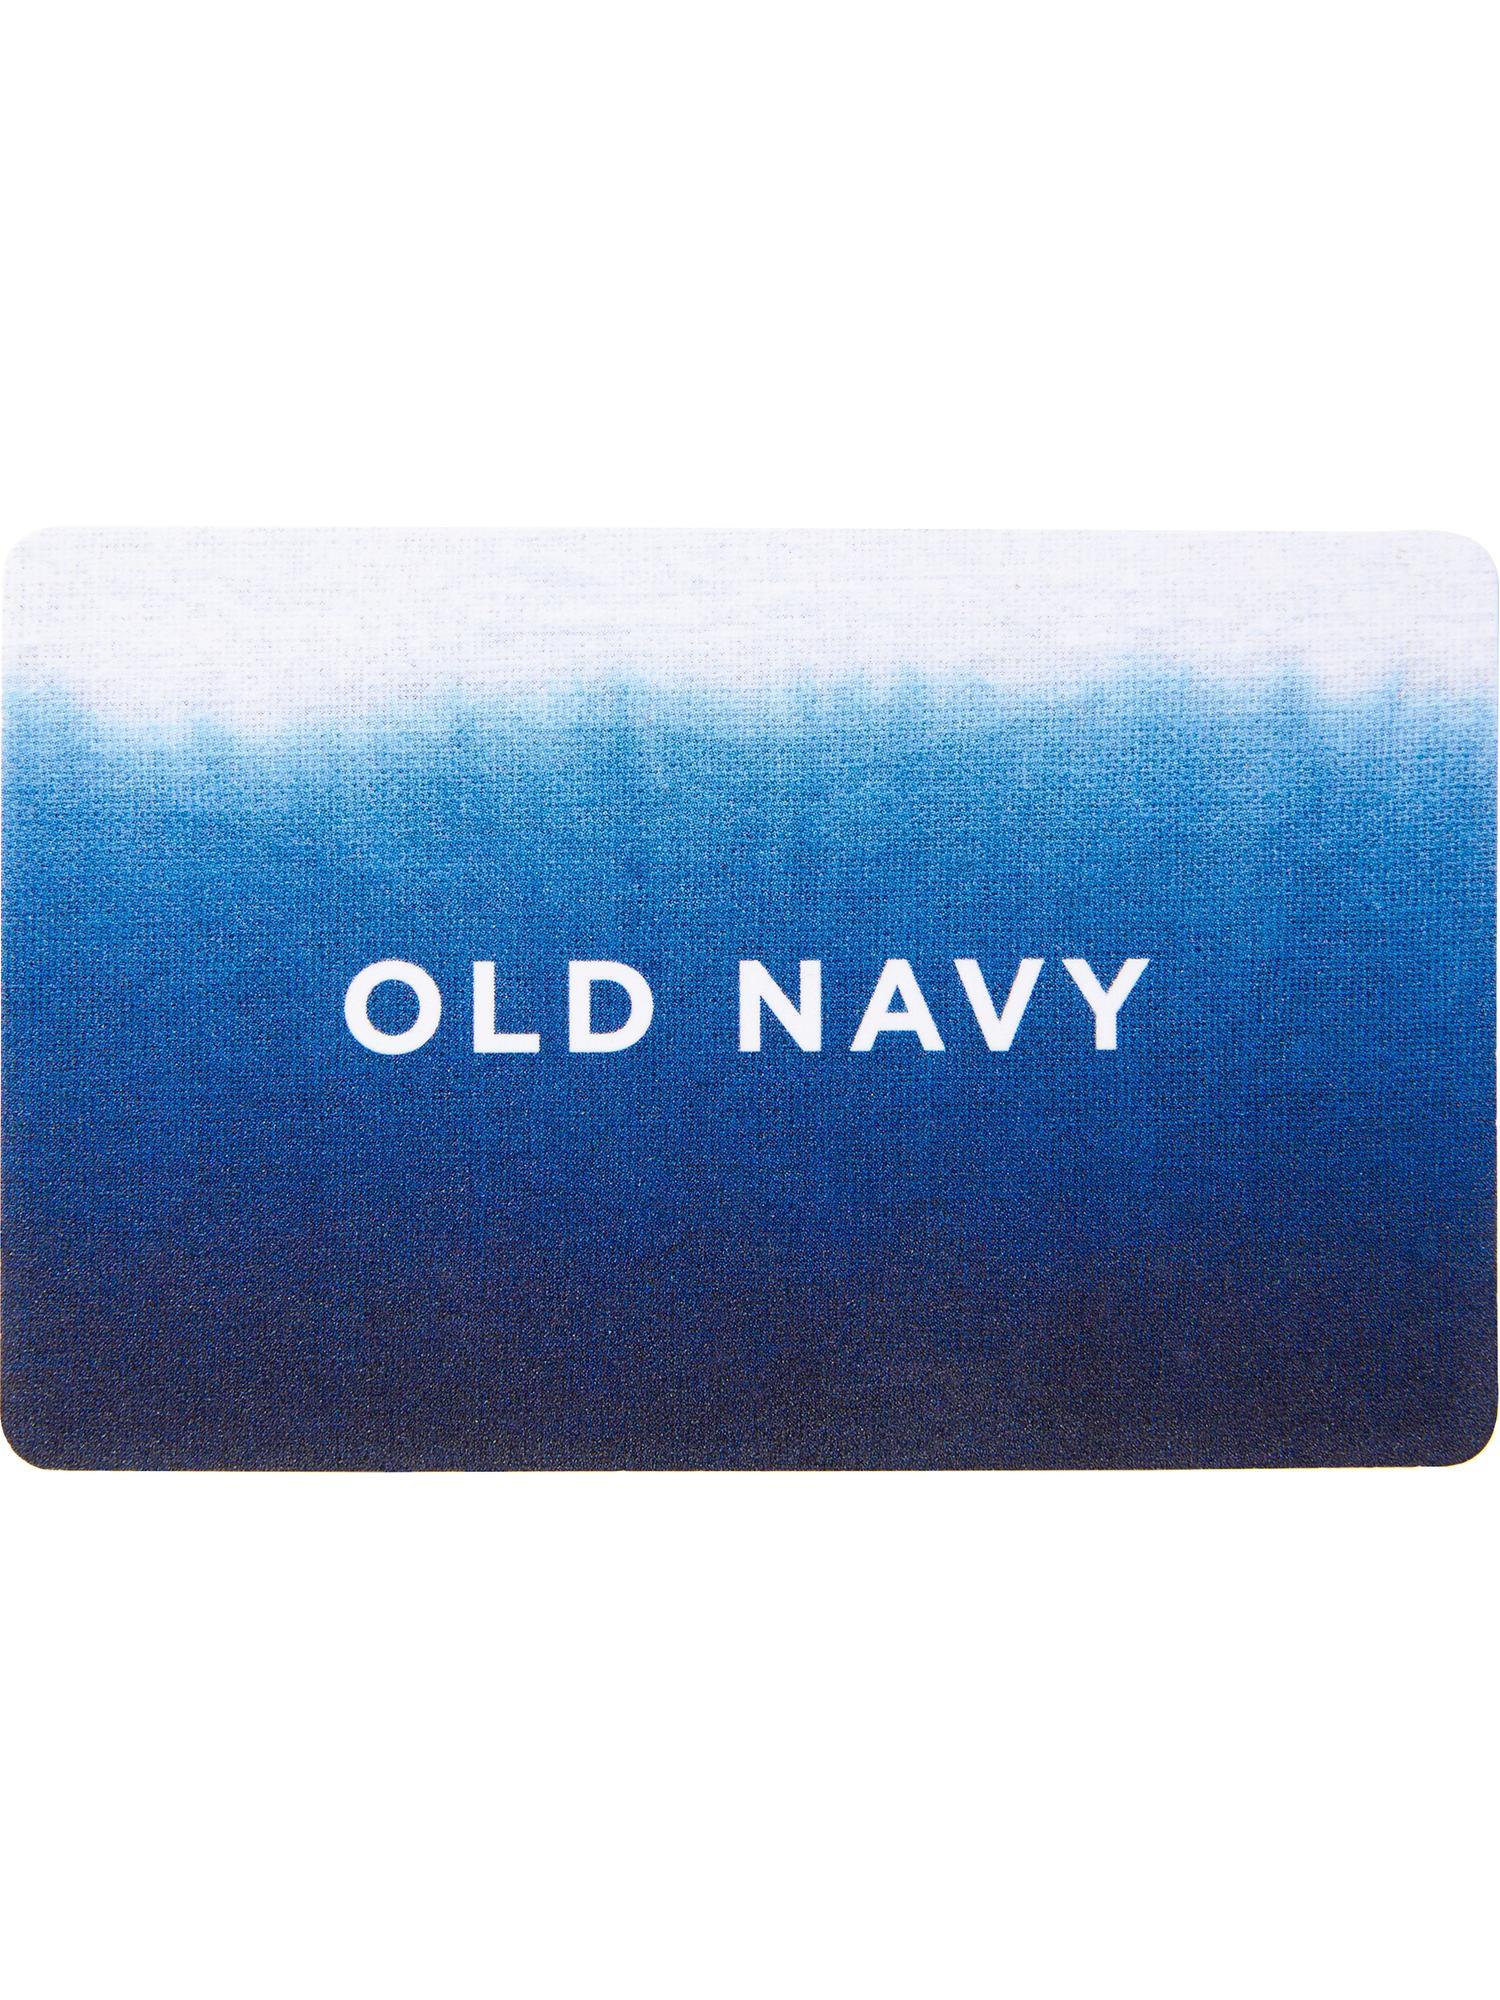 2c528de768 Old Navy Gift Card